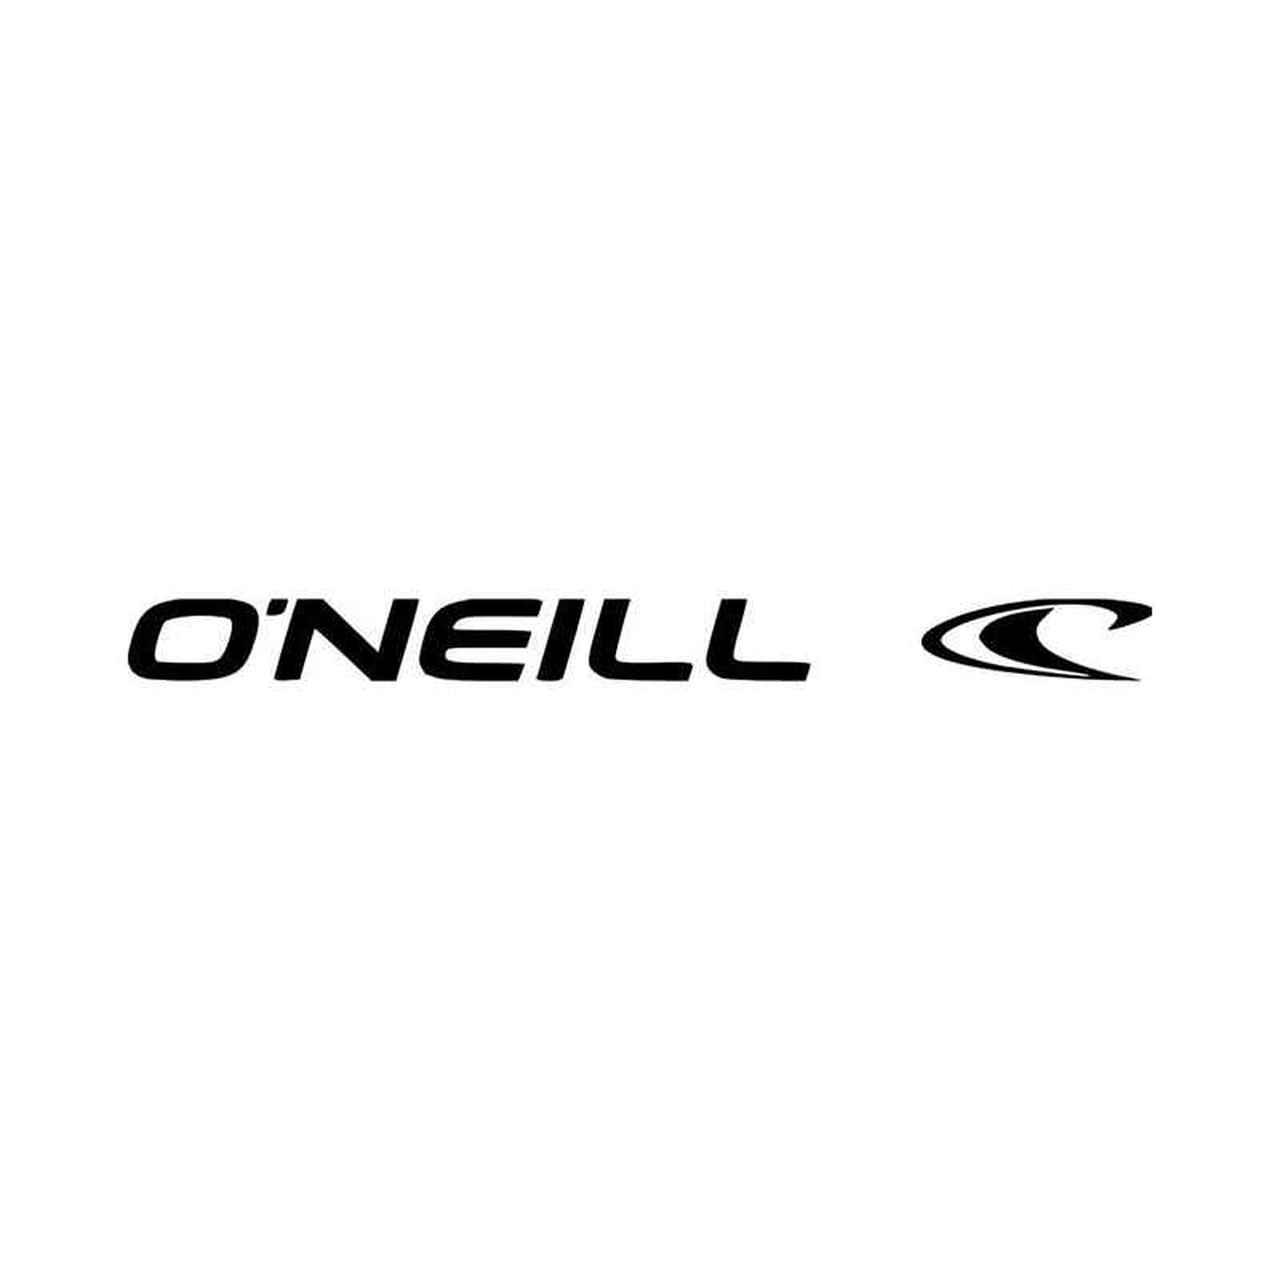 O\'neill Surfboard Logo Vinyl Decal Sticker.